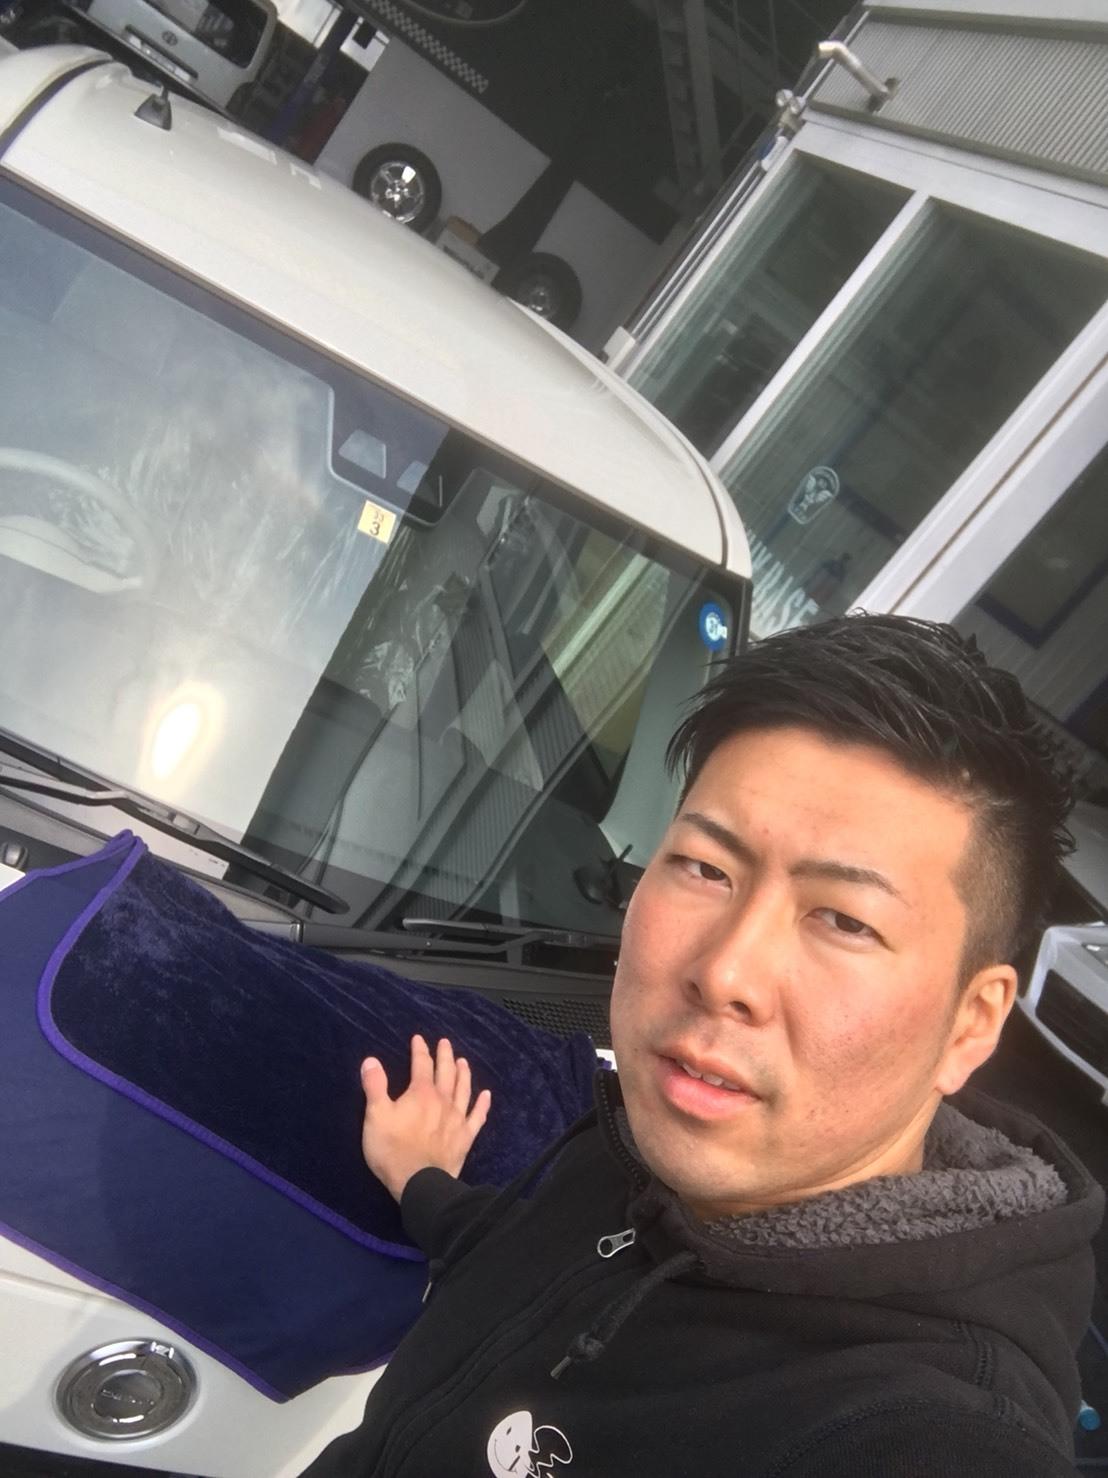 4月23日(月)トミーベース カスタムブログ☆S様キャンバス O様フォレスタ納車☆_b0127002_11575370.jpg